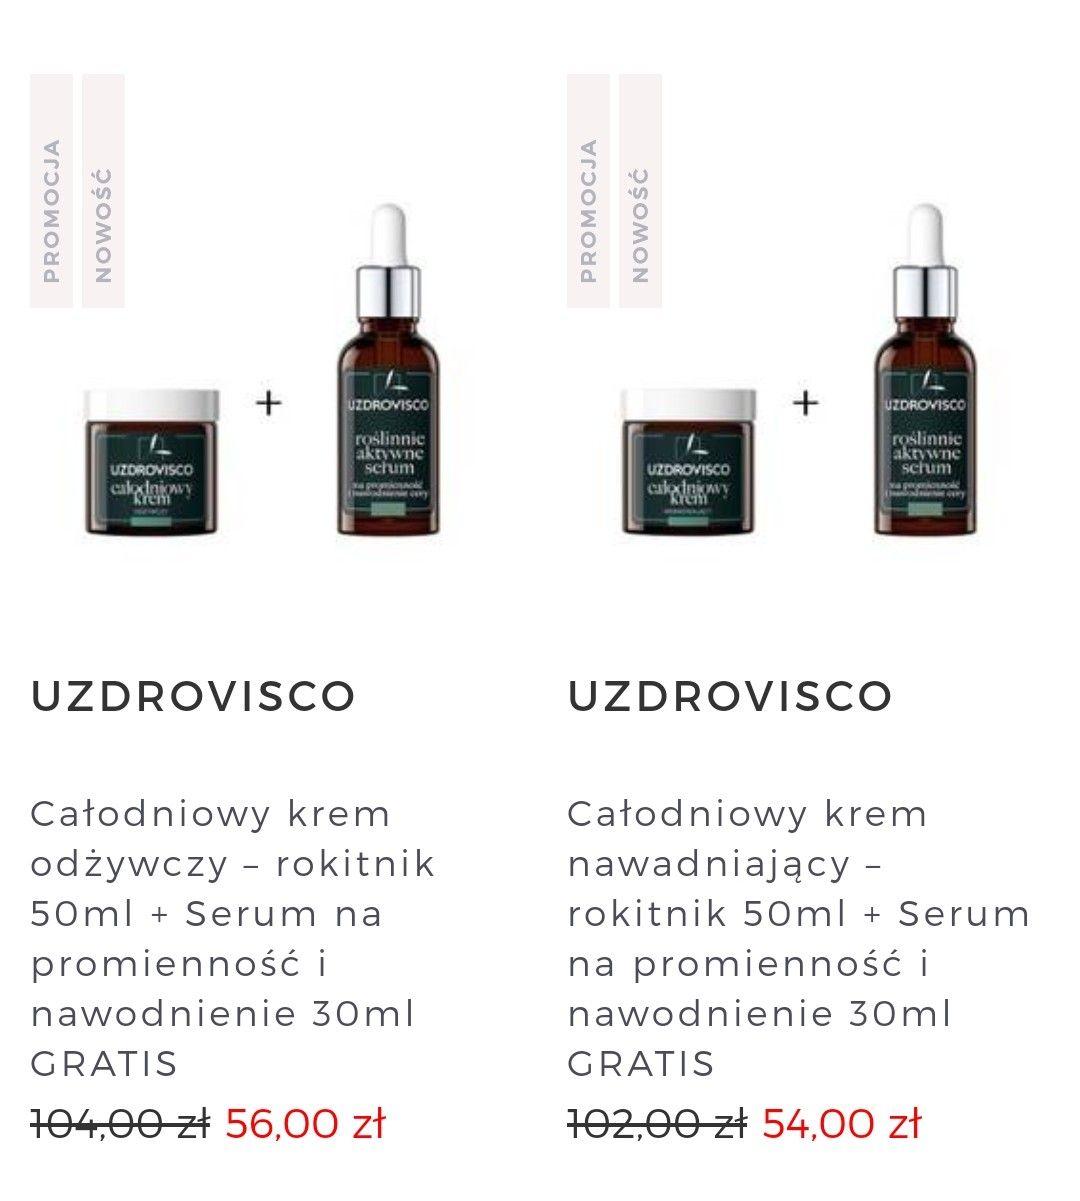 Promocja 1+1 MINTISHOP UZDROVISCO